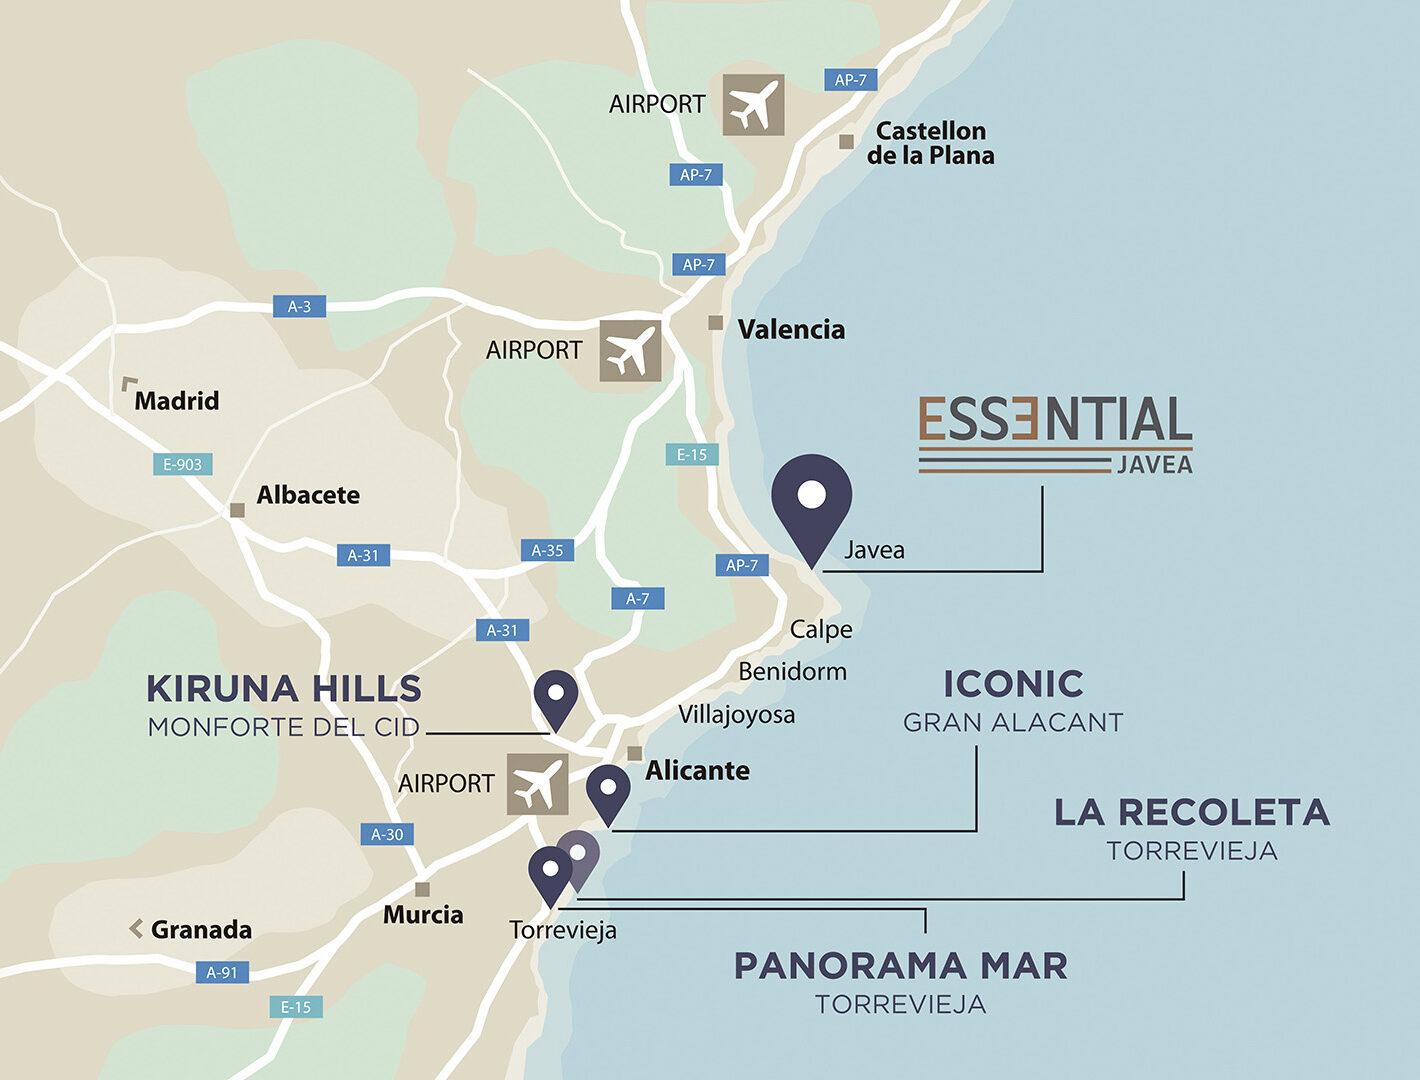 Mapa-ESSENTIAL-tw-eng-mvl